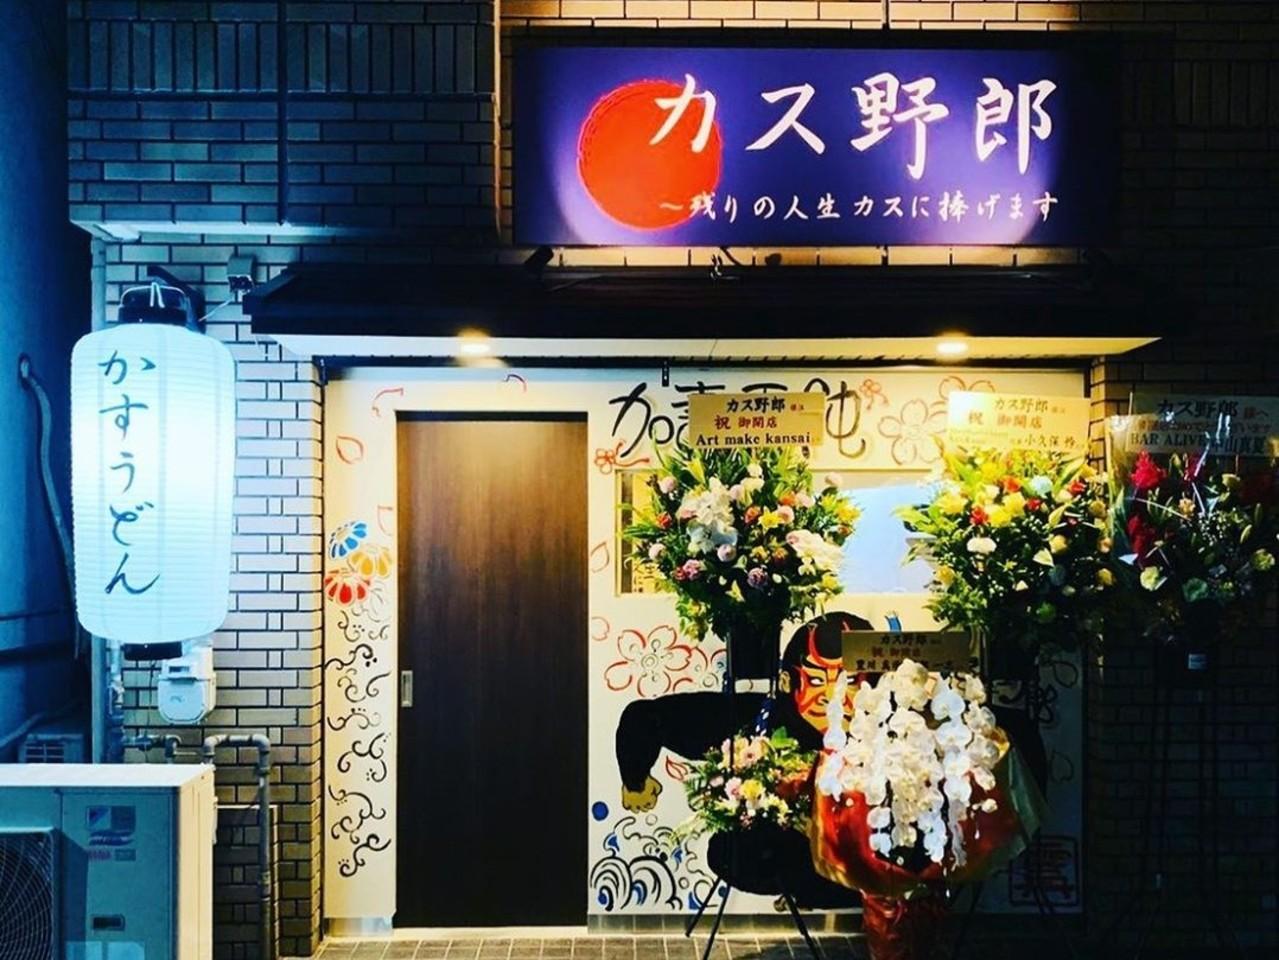 残りの人生カスに捧げます...大阪市東淀川区豊新3丁目のかすうどん「カス野郎」